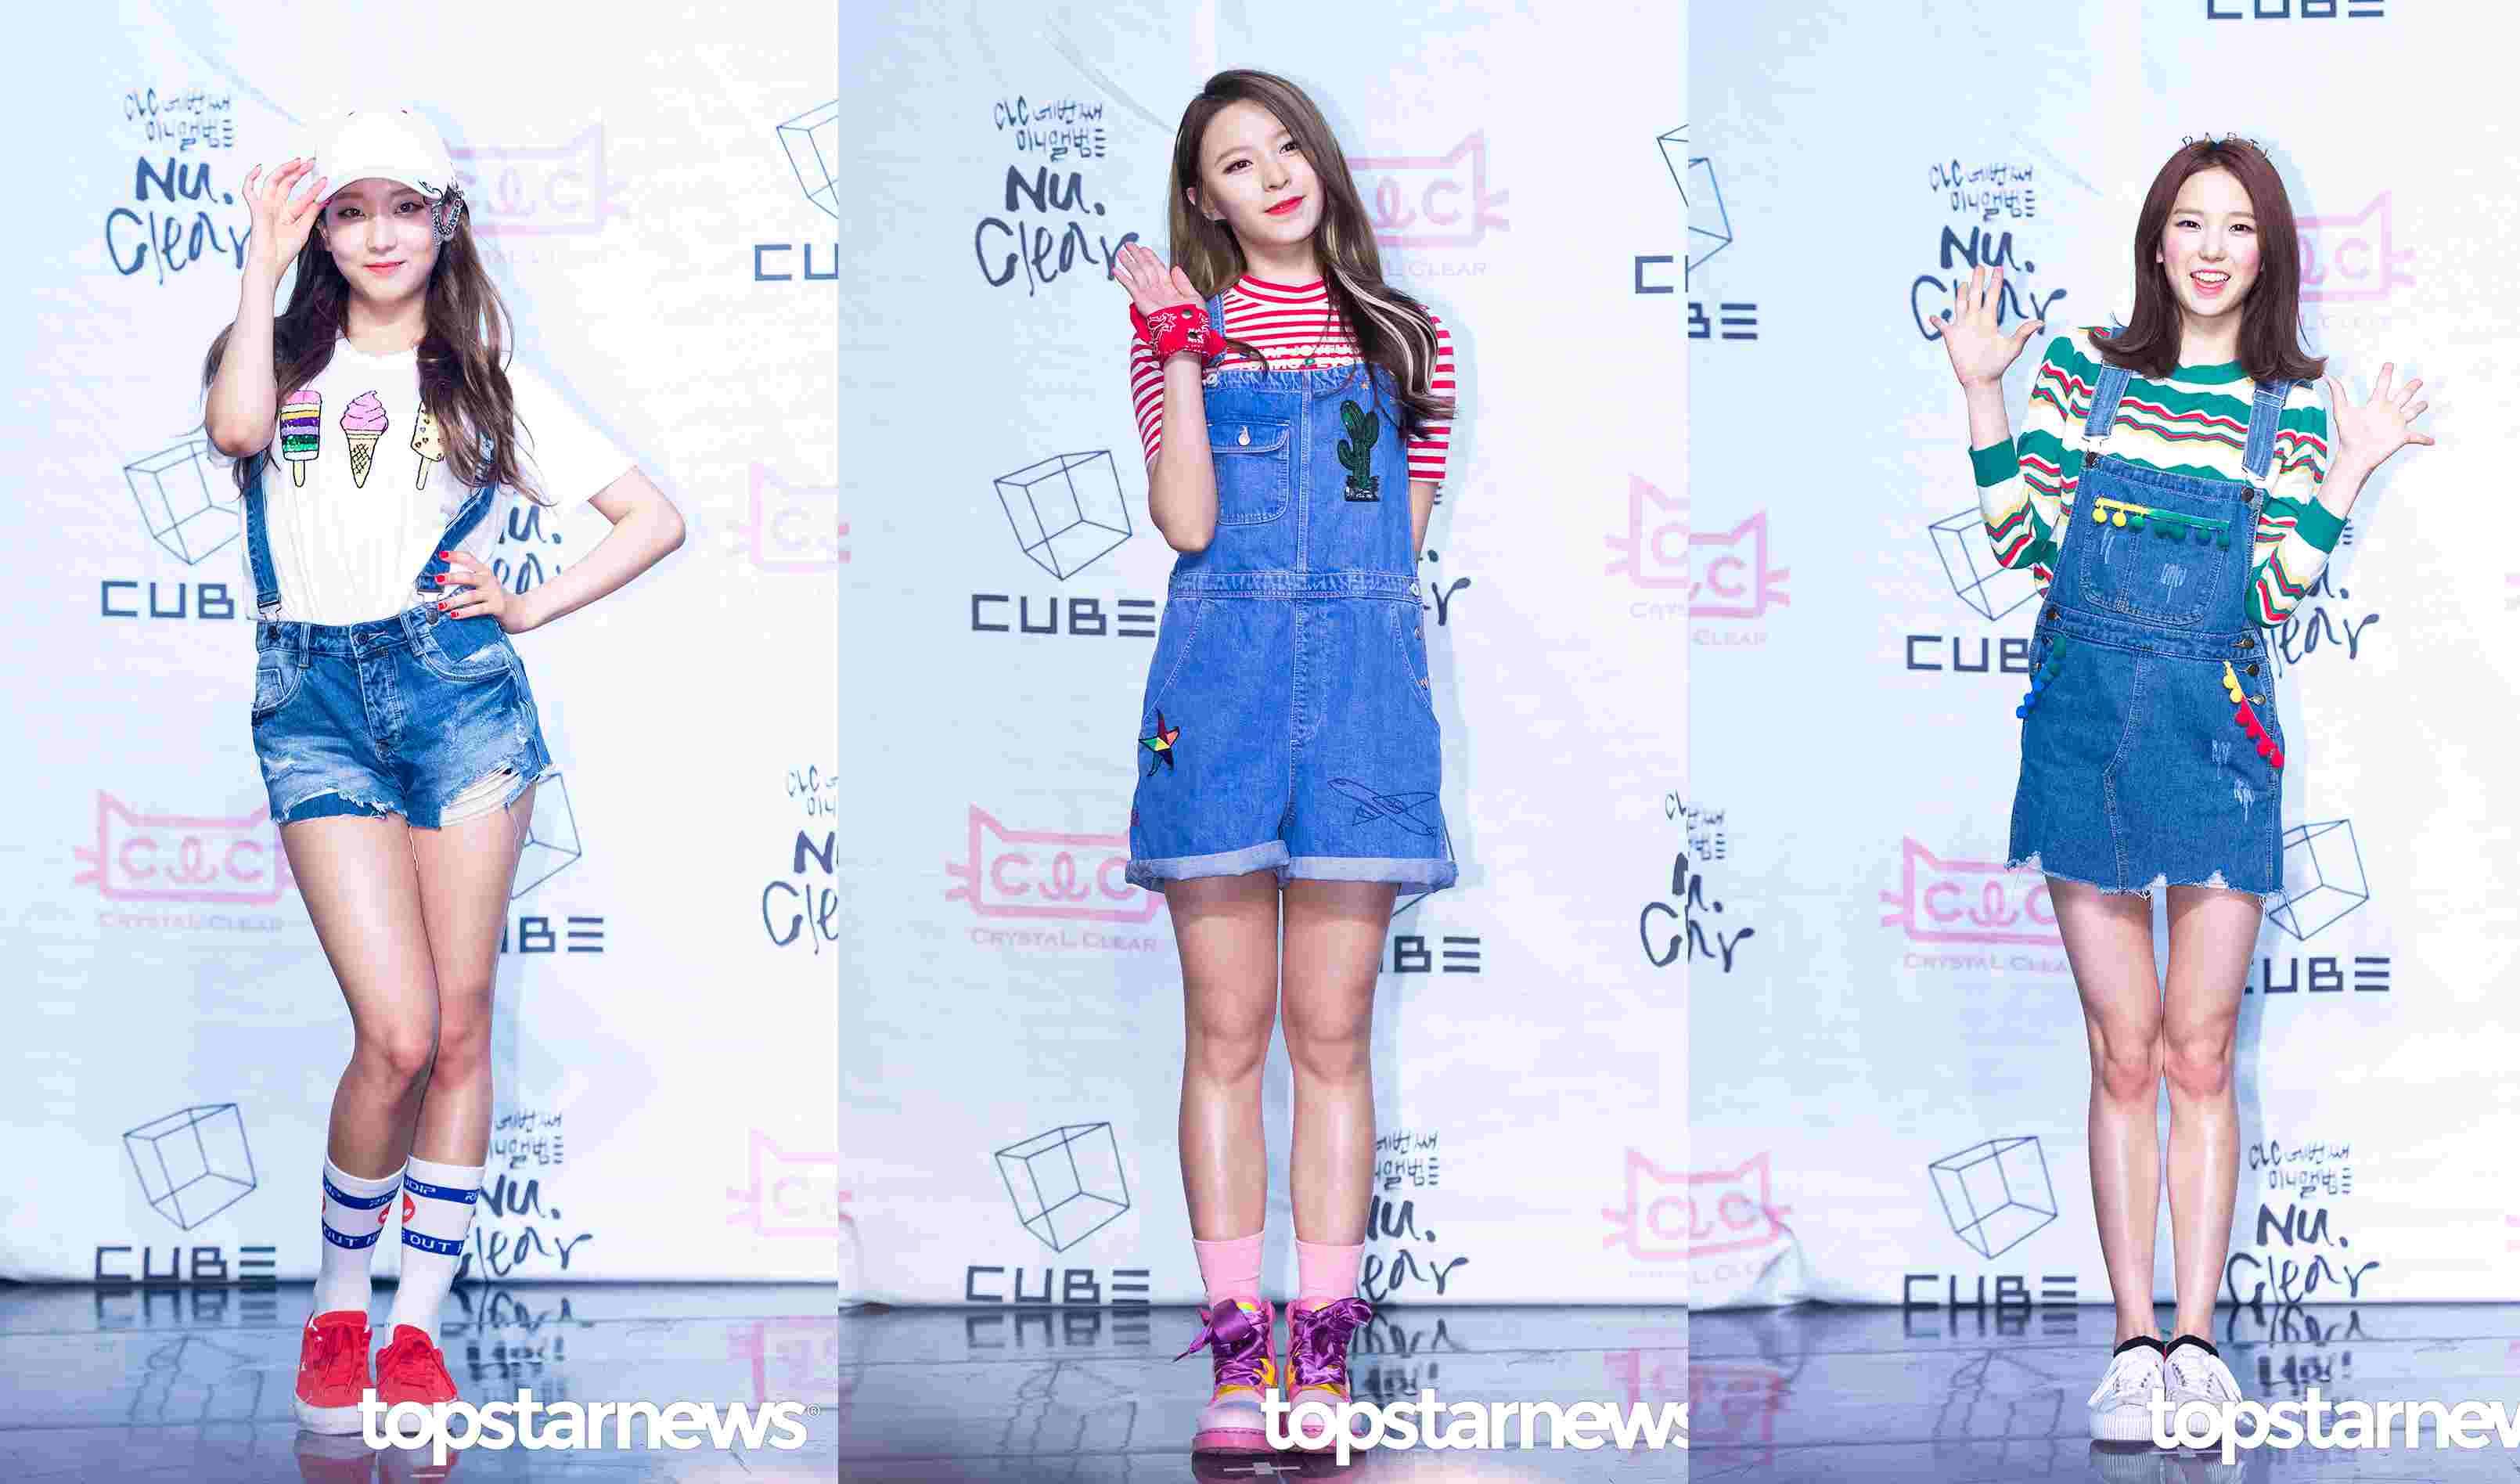 Style①背帶裝 背帶裝是每年暑假韓國高中生最經常嘗試的造型,但韓妞更多會在小細節上讓自己的裝扮看起來更與眾不同,比如可愛圖案的內搭T,或者在背帶褲、背帶裙上加上可愛的貼圖、小毛球等裝飾品。